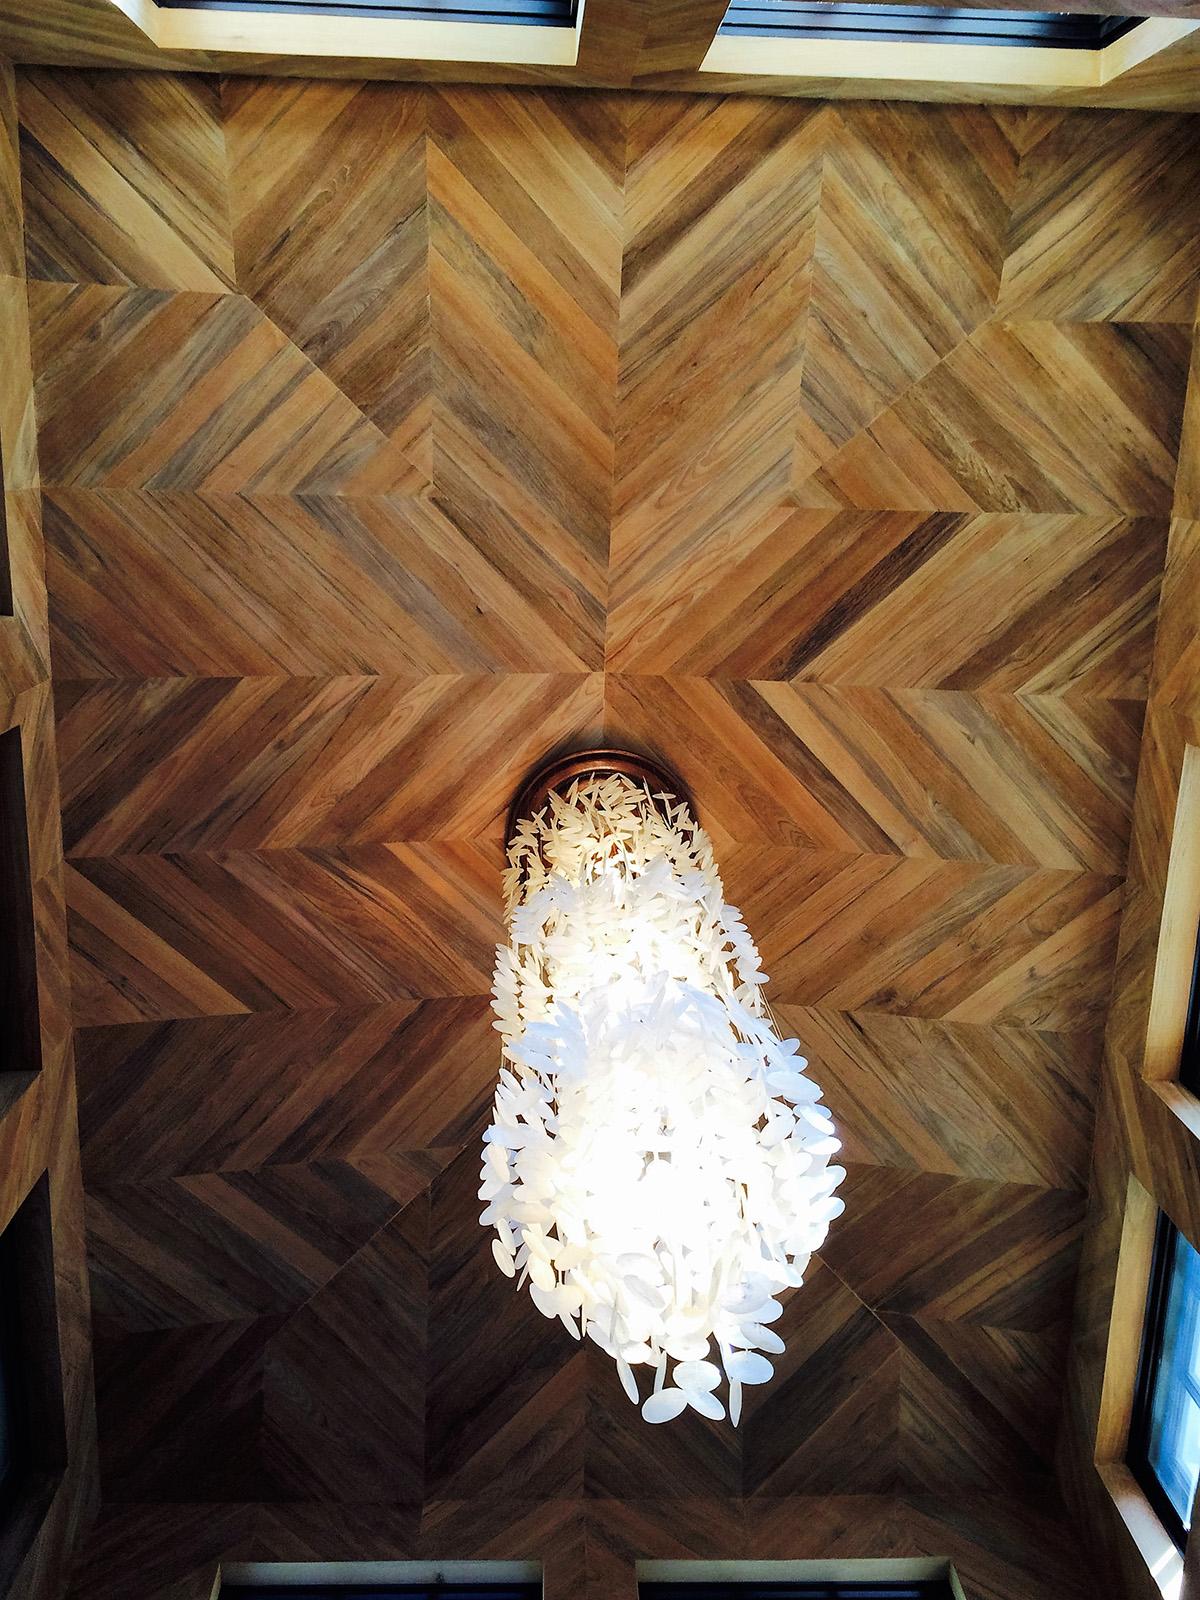 cam bath ceiling.jpg